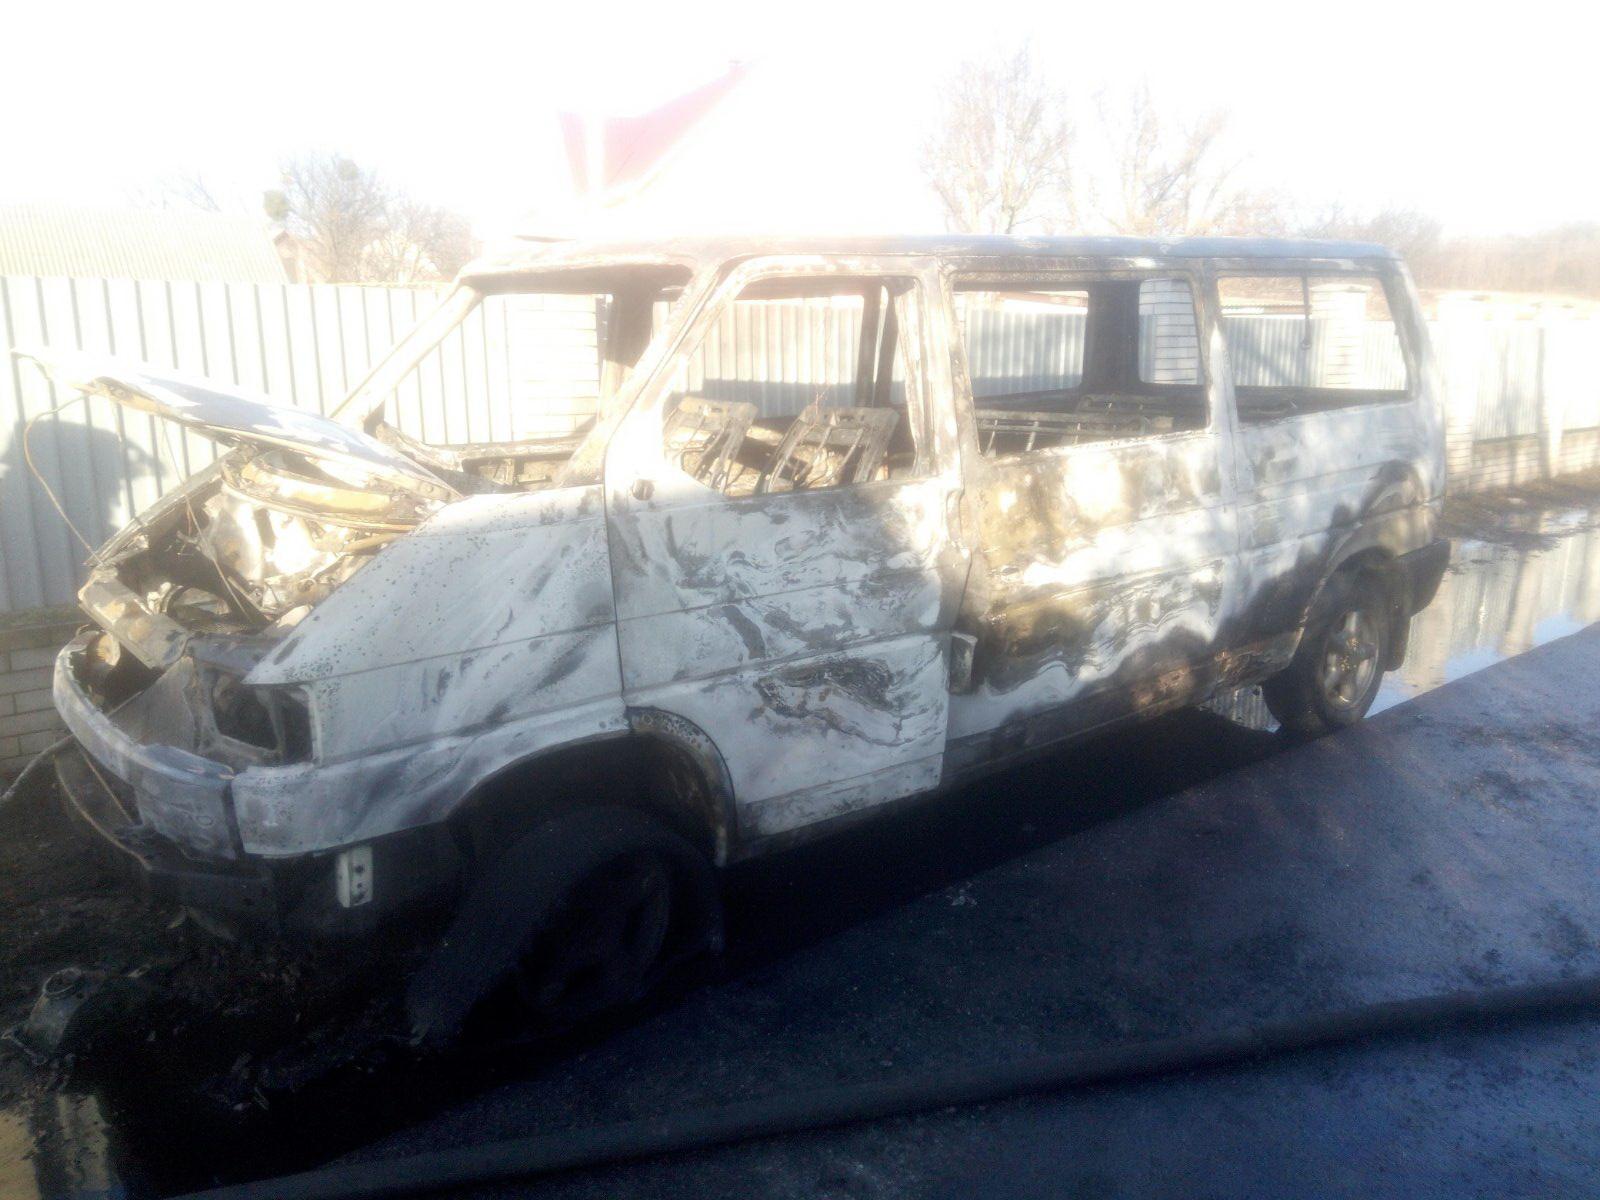 На Обухівщині загасили палаючий мікроавтобус -  - media share 0 02 0a eb2c9243ebe874fd28632a1bdc79cd9181c603a7cd8851ec2aa1bf1489b2affe d42713c6 82bb 42b8 ae31 a022f35a9cf4